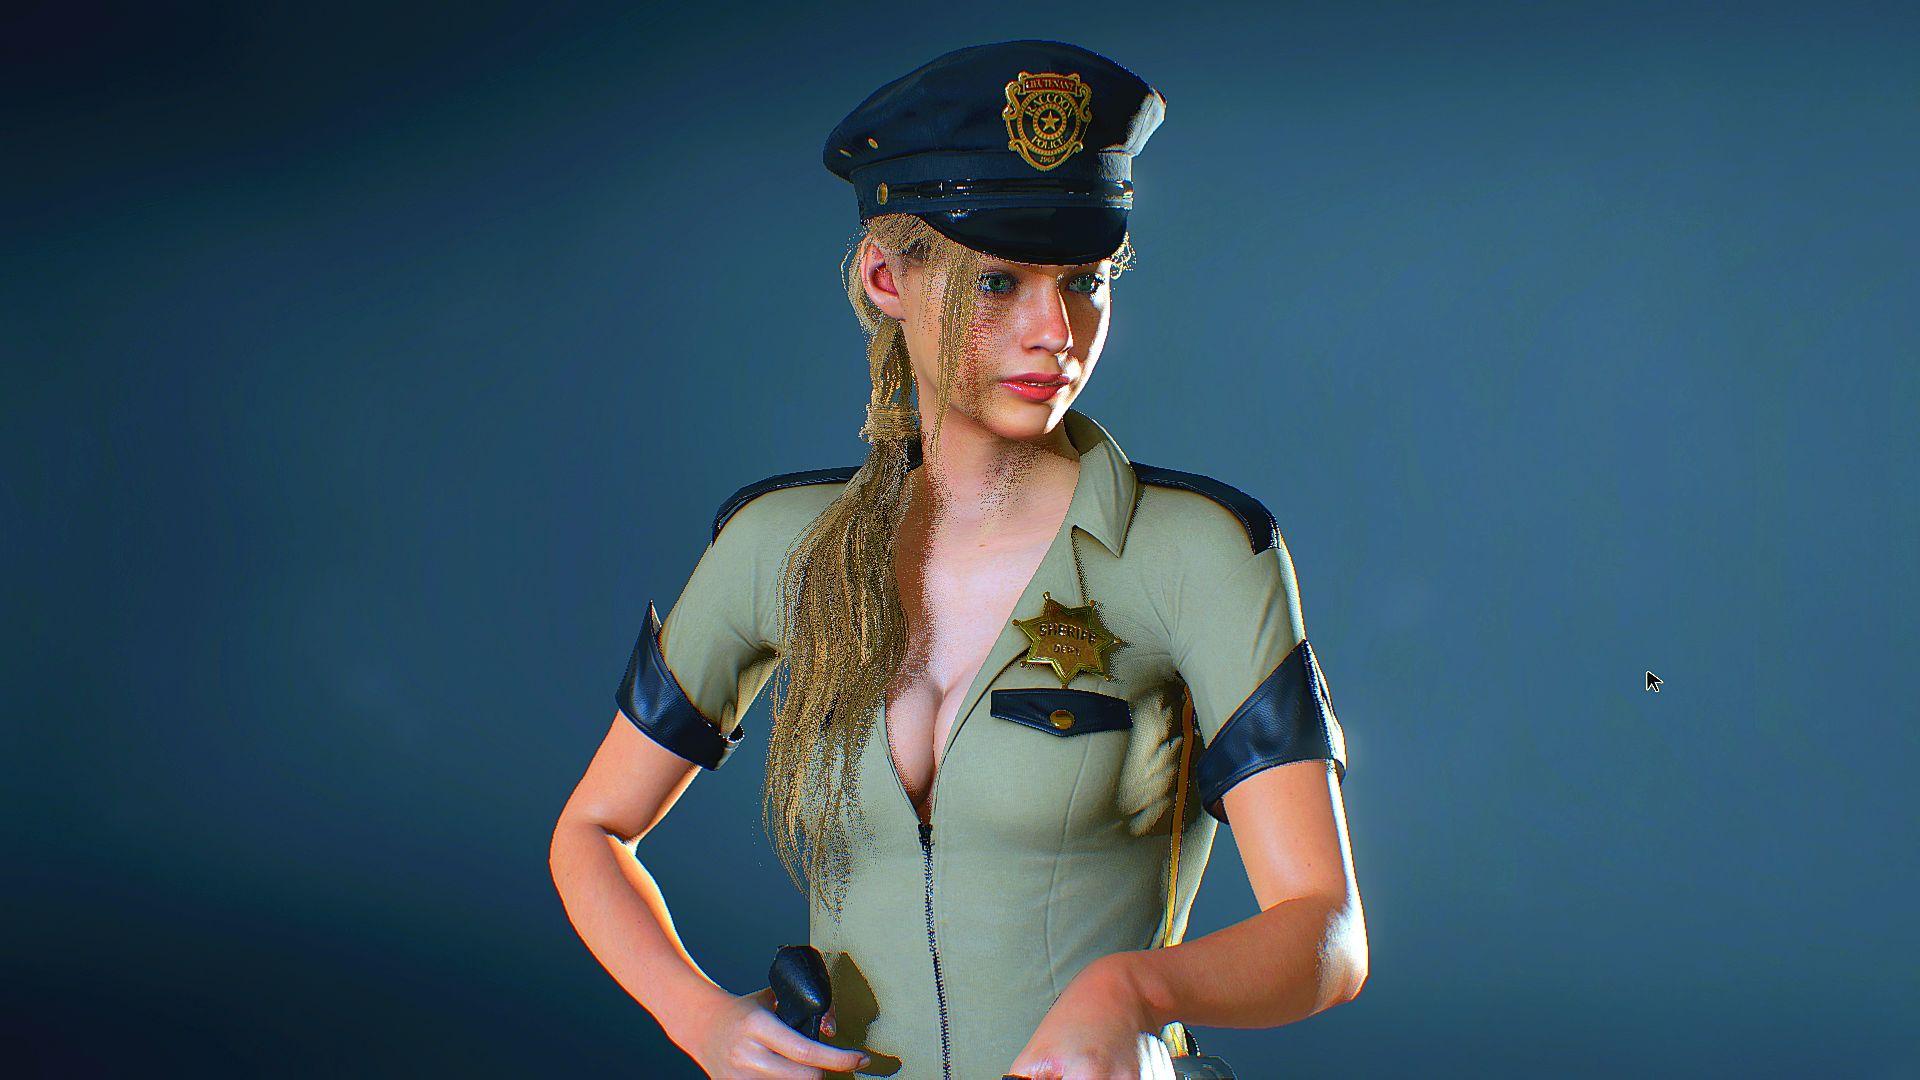 000732.Jpg - Resident Evil 2